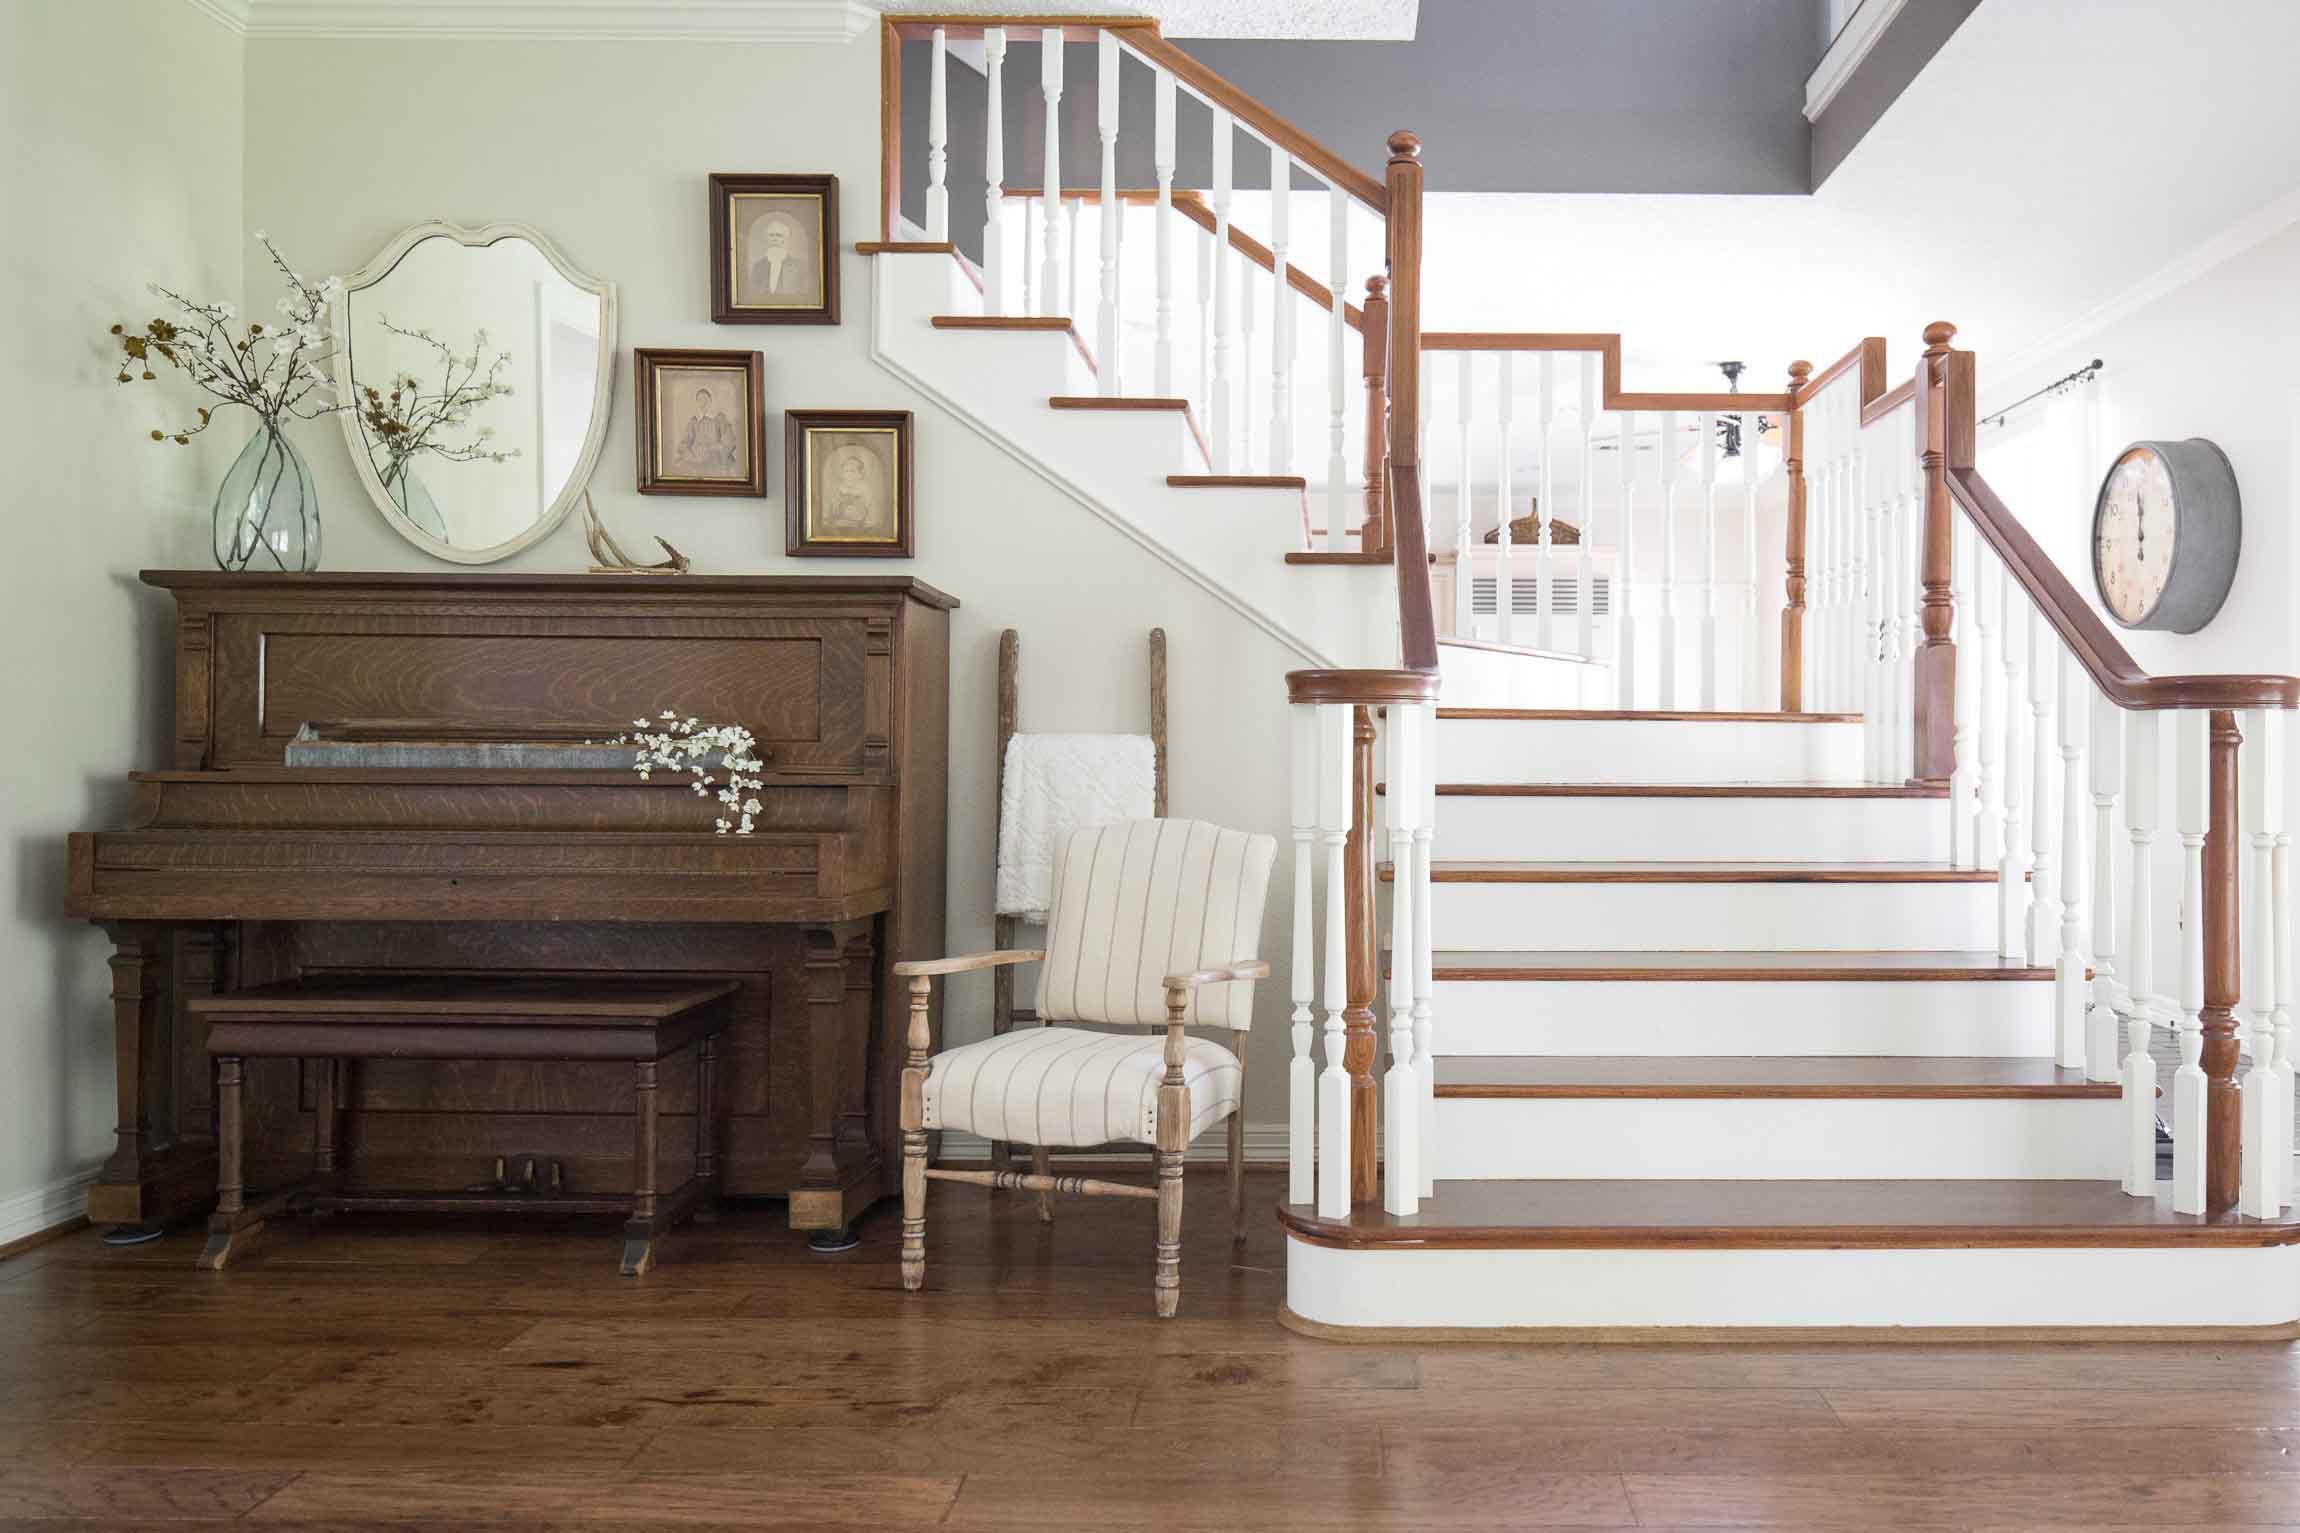 Moore House Interiors Tomball Metz00009.jpg